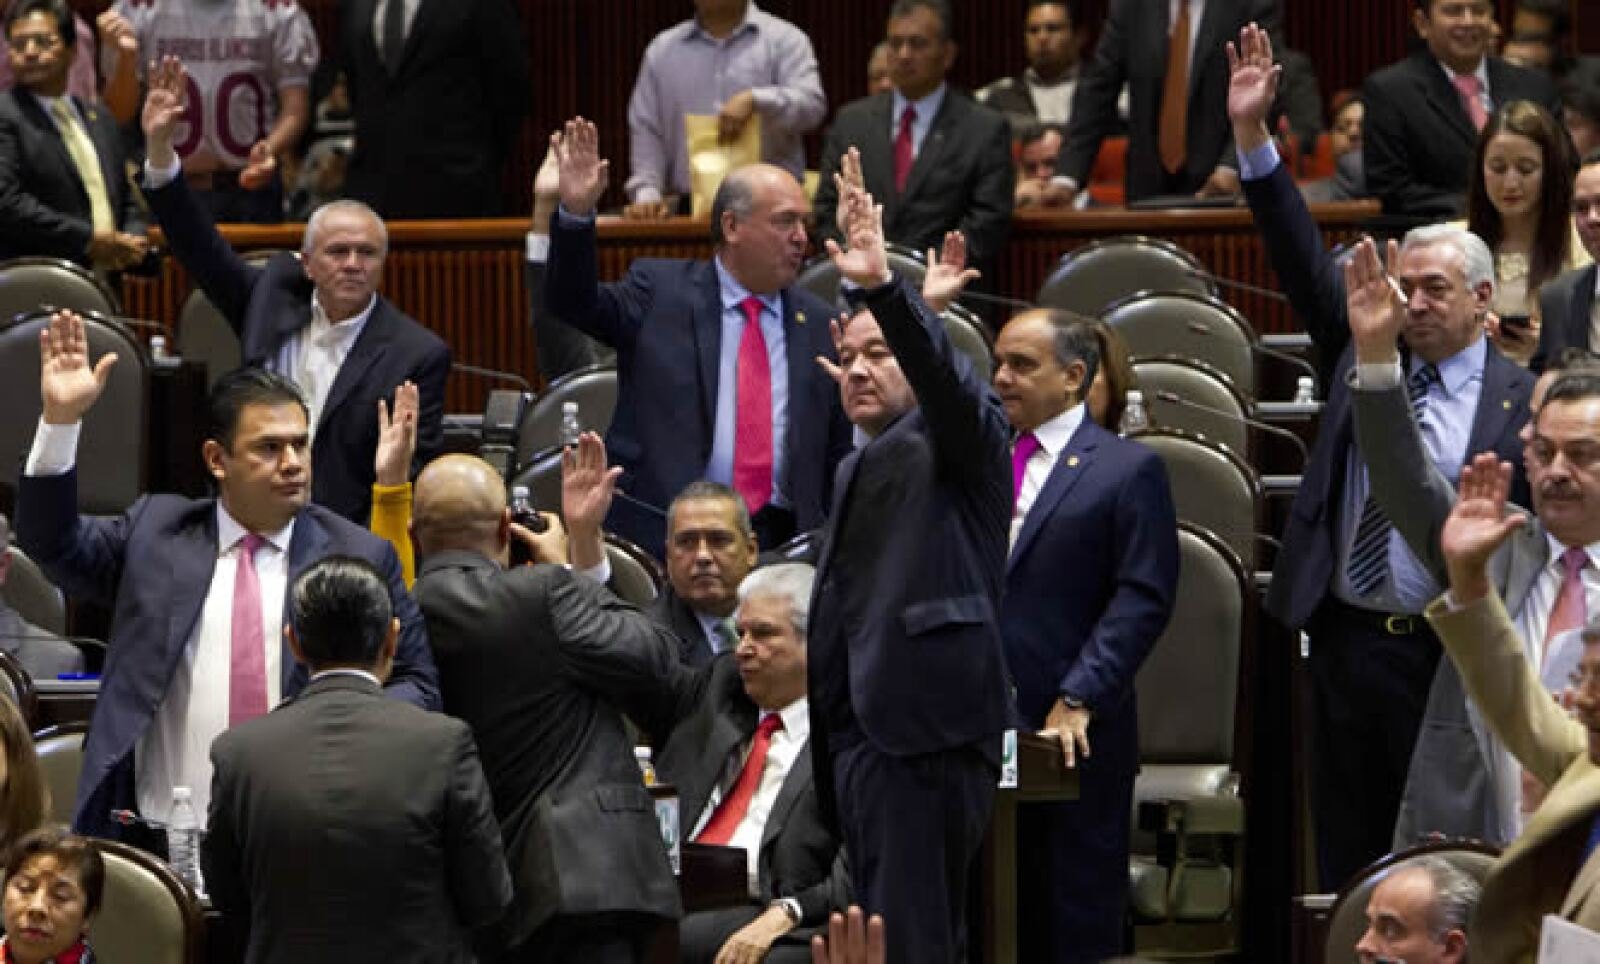 La ley de Hidrocarburos fue aprobada en lo general por 330 votos a favor y 129 en contra. Los diputados de izquierda entonaron el himno nacional y consignas contra la reforma energética, mientras que sus pares del PRI y PAN contestaban con el grito 'Méxic